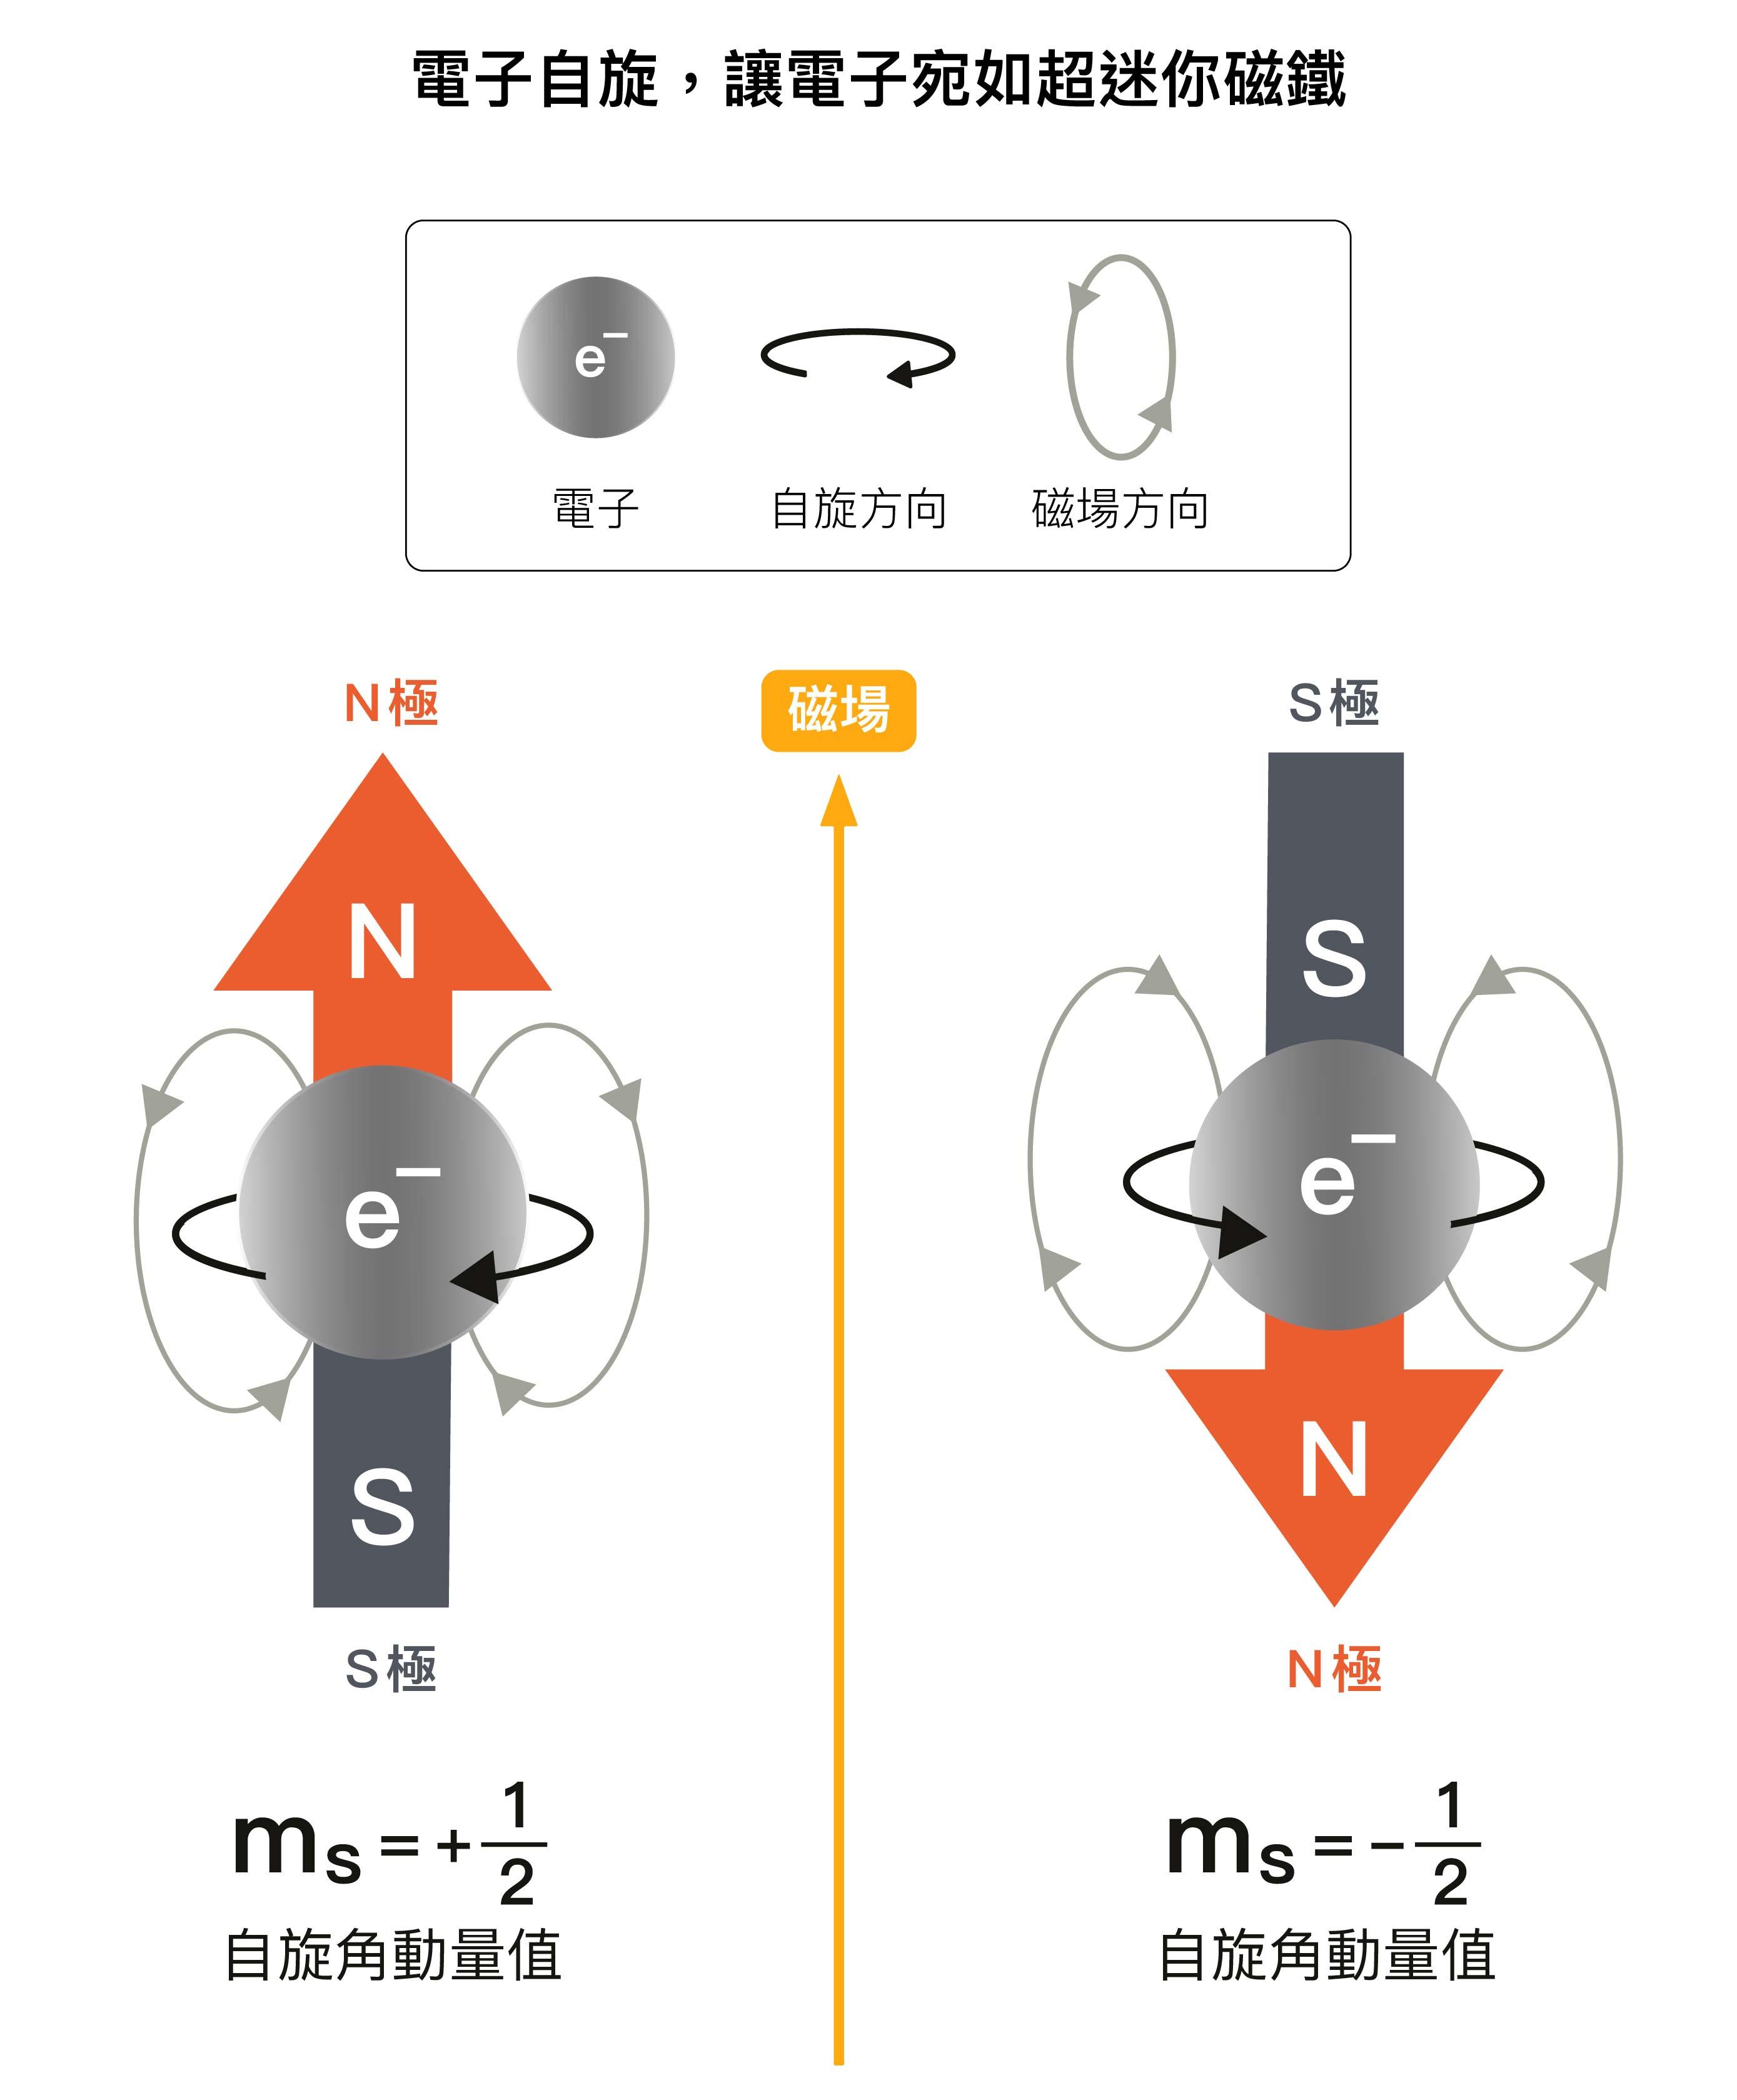 電子雖有角動量,卻不能理解成電子真的在轉。因為電子是個體積無限小的粒子,沒有體積,所以不可能轉動,自旋完全是量子力學的概念。而且電子自旋角動量值在磁場中只能是 1/2 或 -1/2 ,沒有其他可能的值,這就是「電子自旋 1/2 」的由來。圖說設計│黃曉君、林洵安